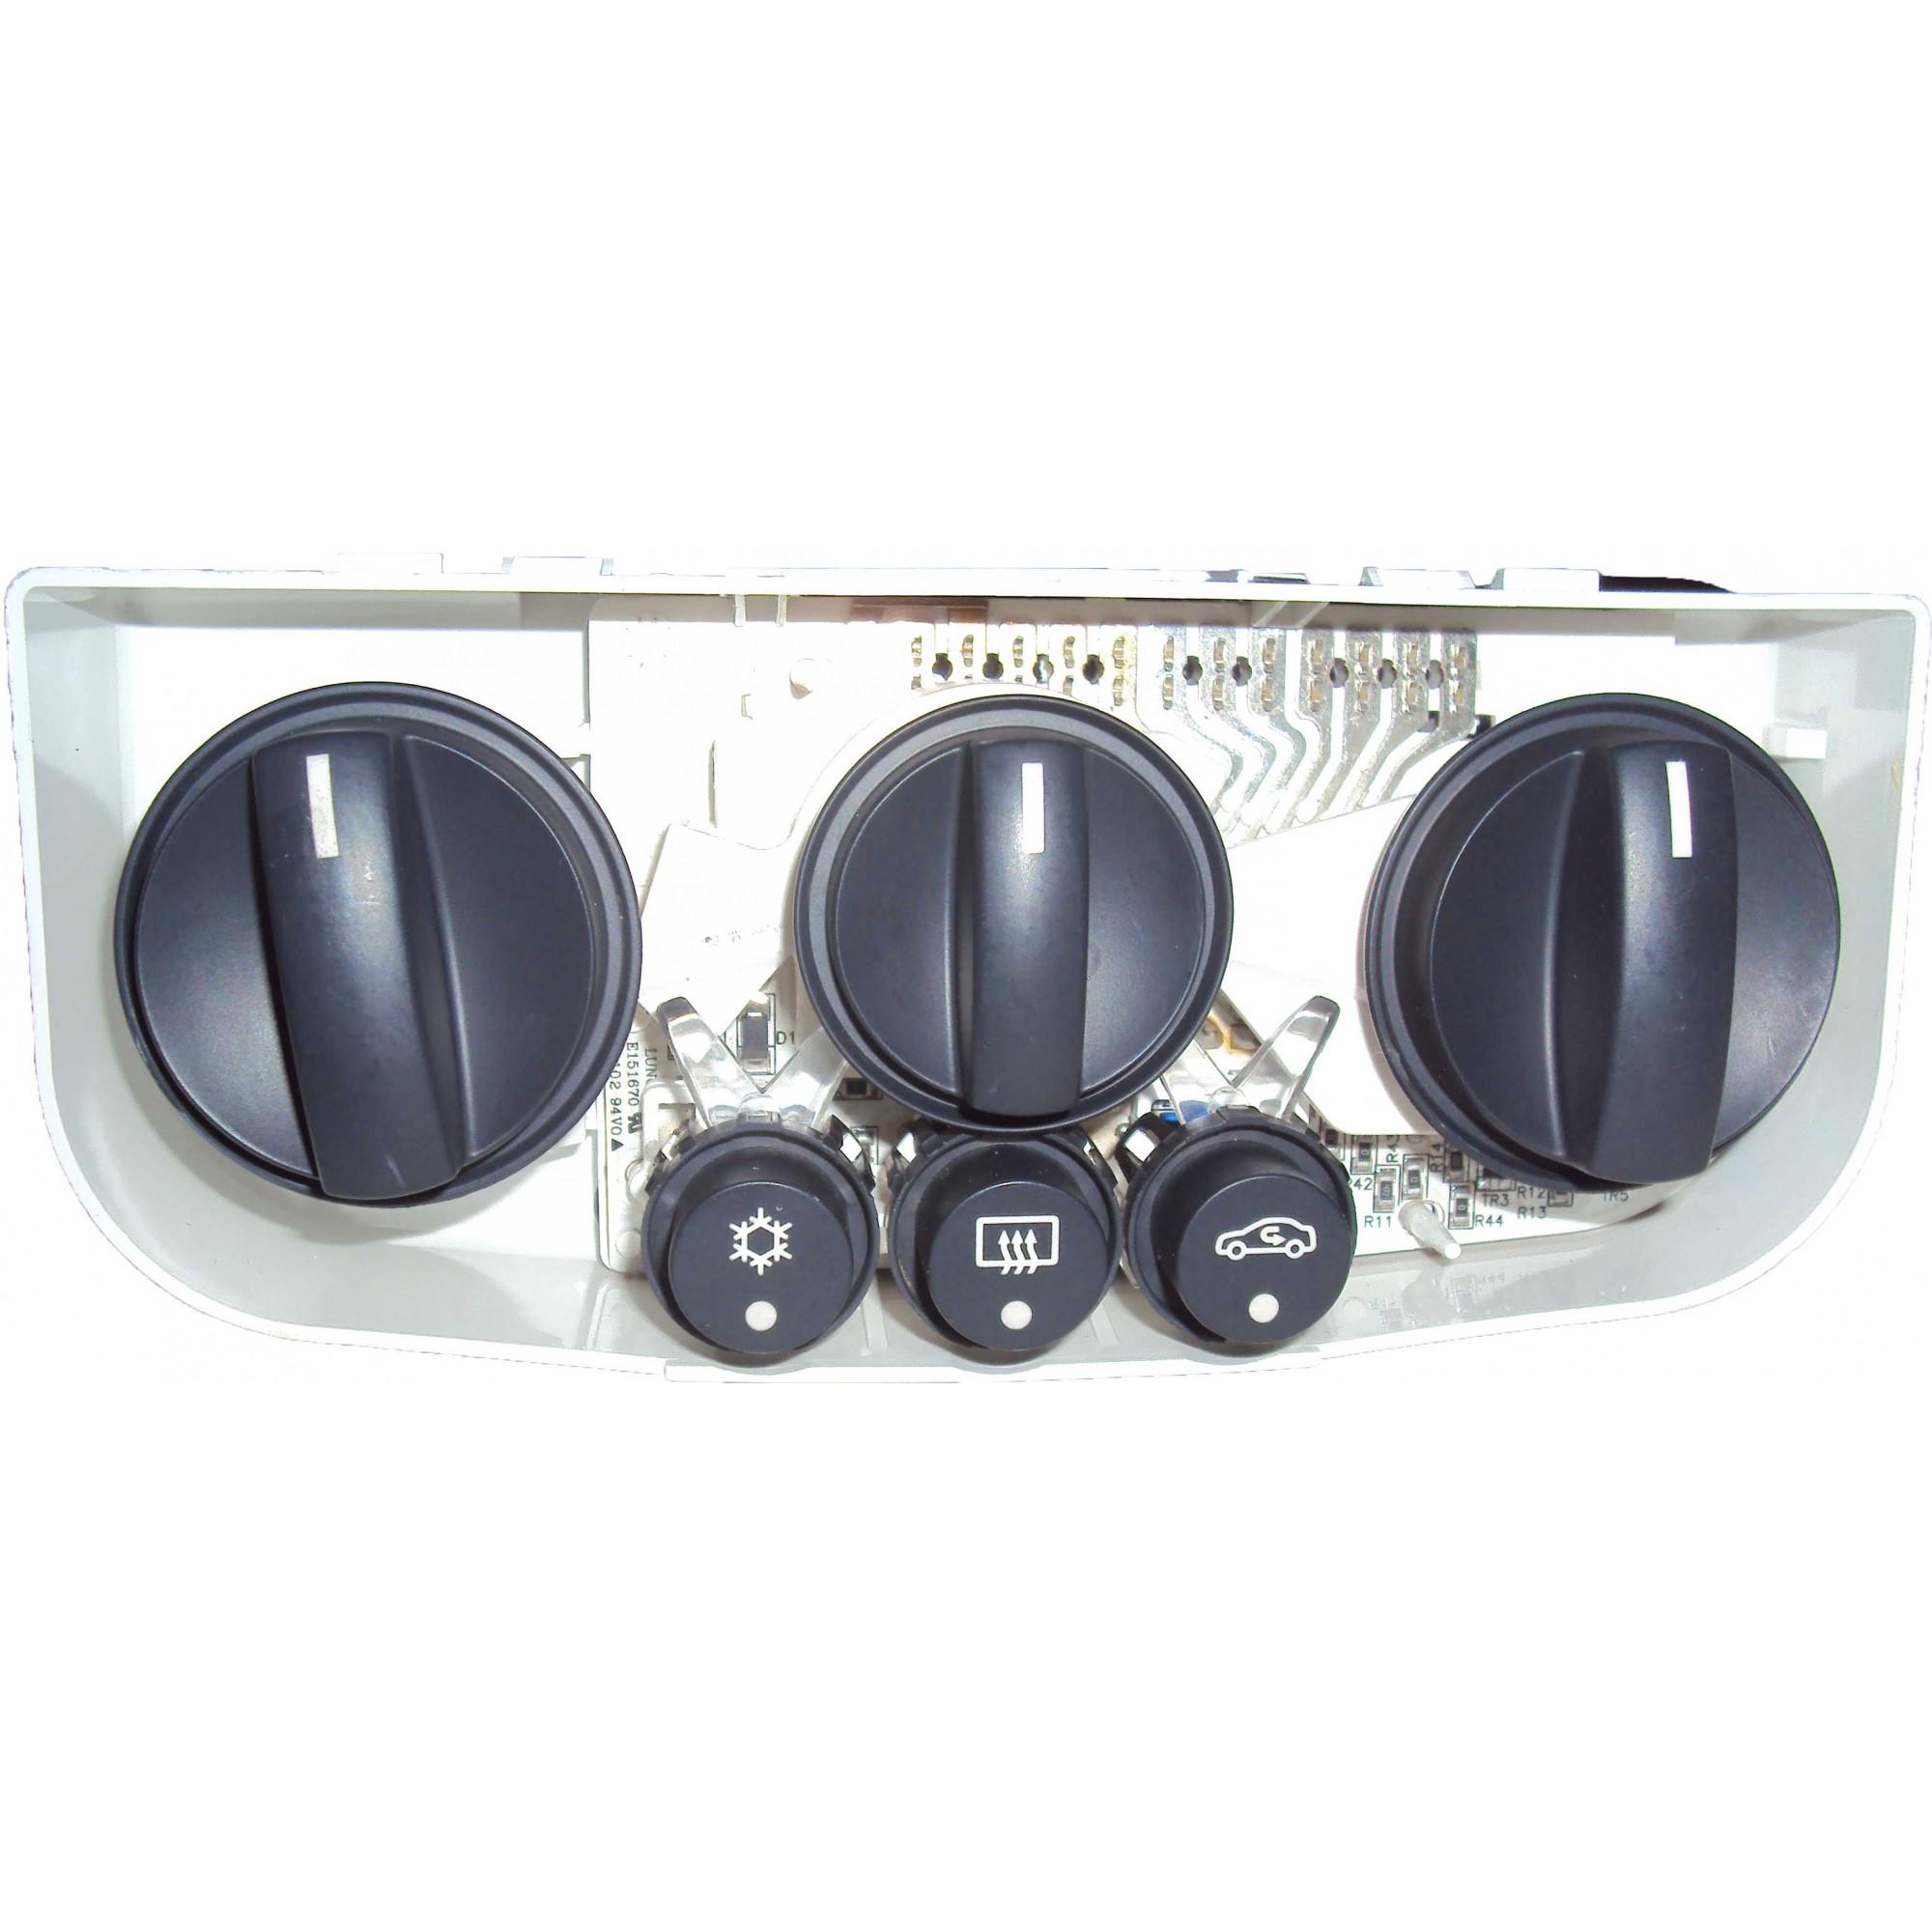 Painel Controle - Meriva S/mascara